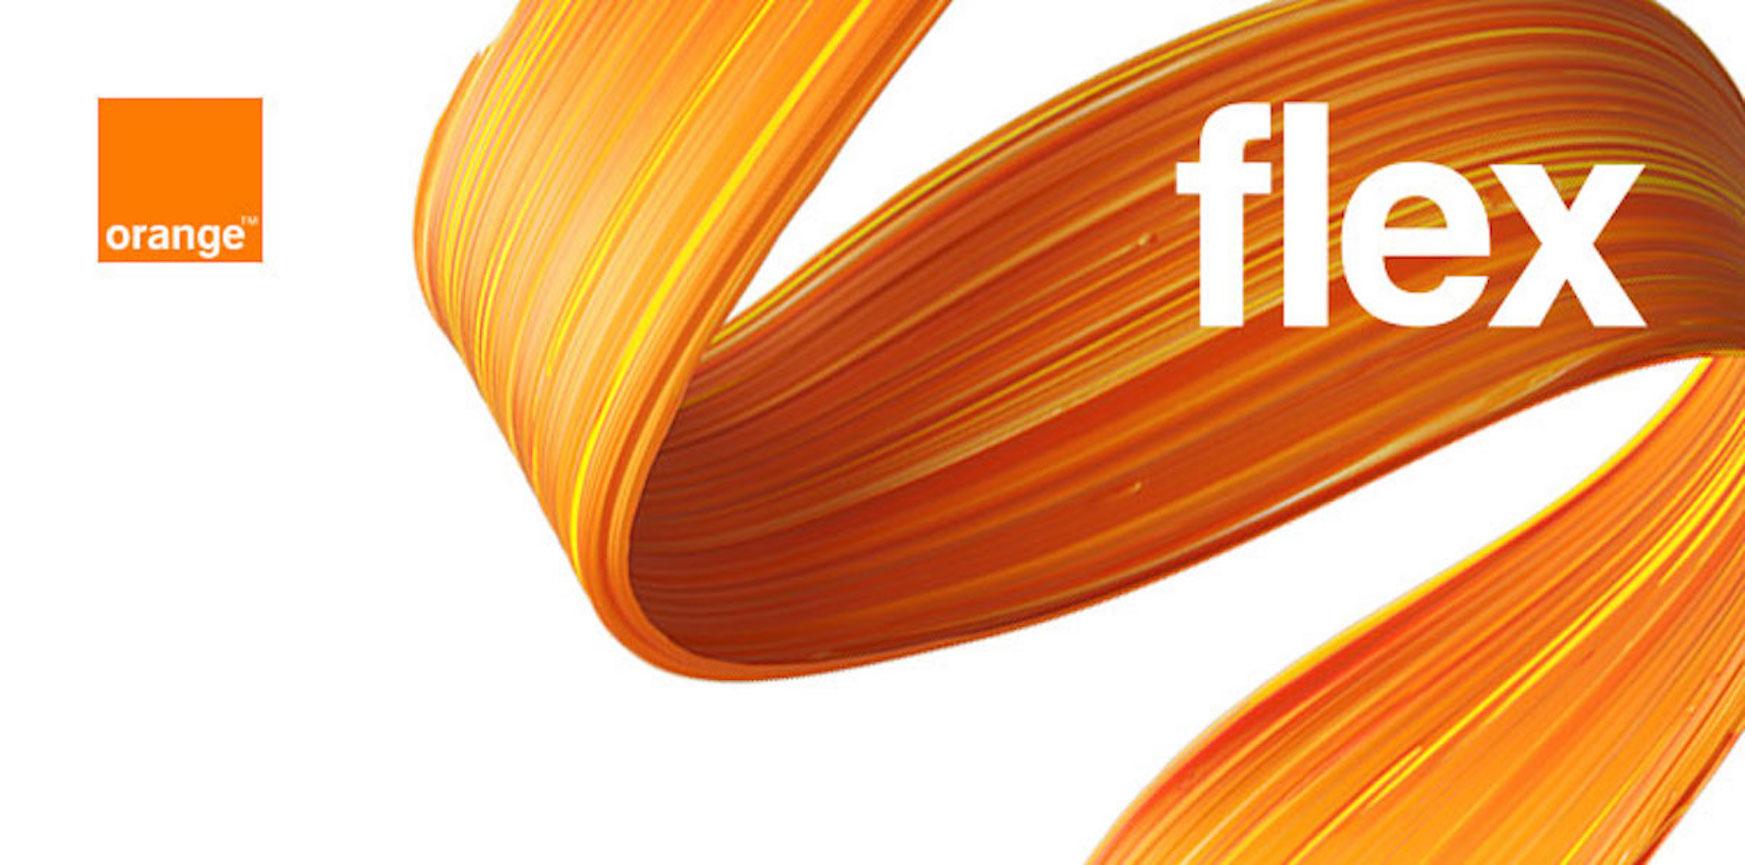 Orange Flex-ek urtebete du.  Bezeroek bonus bidezko paketea jasoko dute bideoa ikusteko